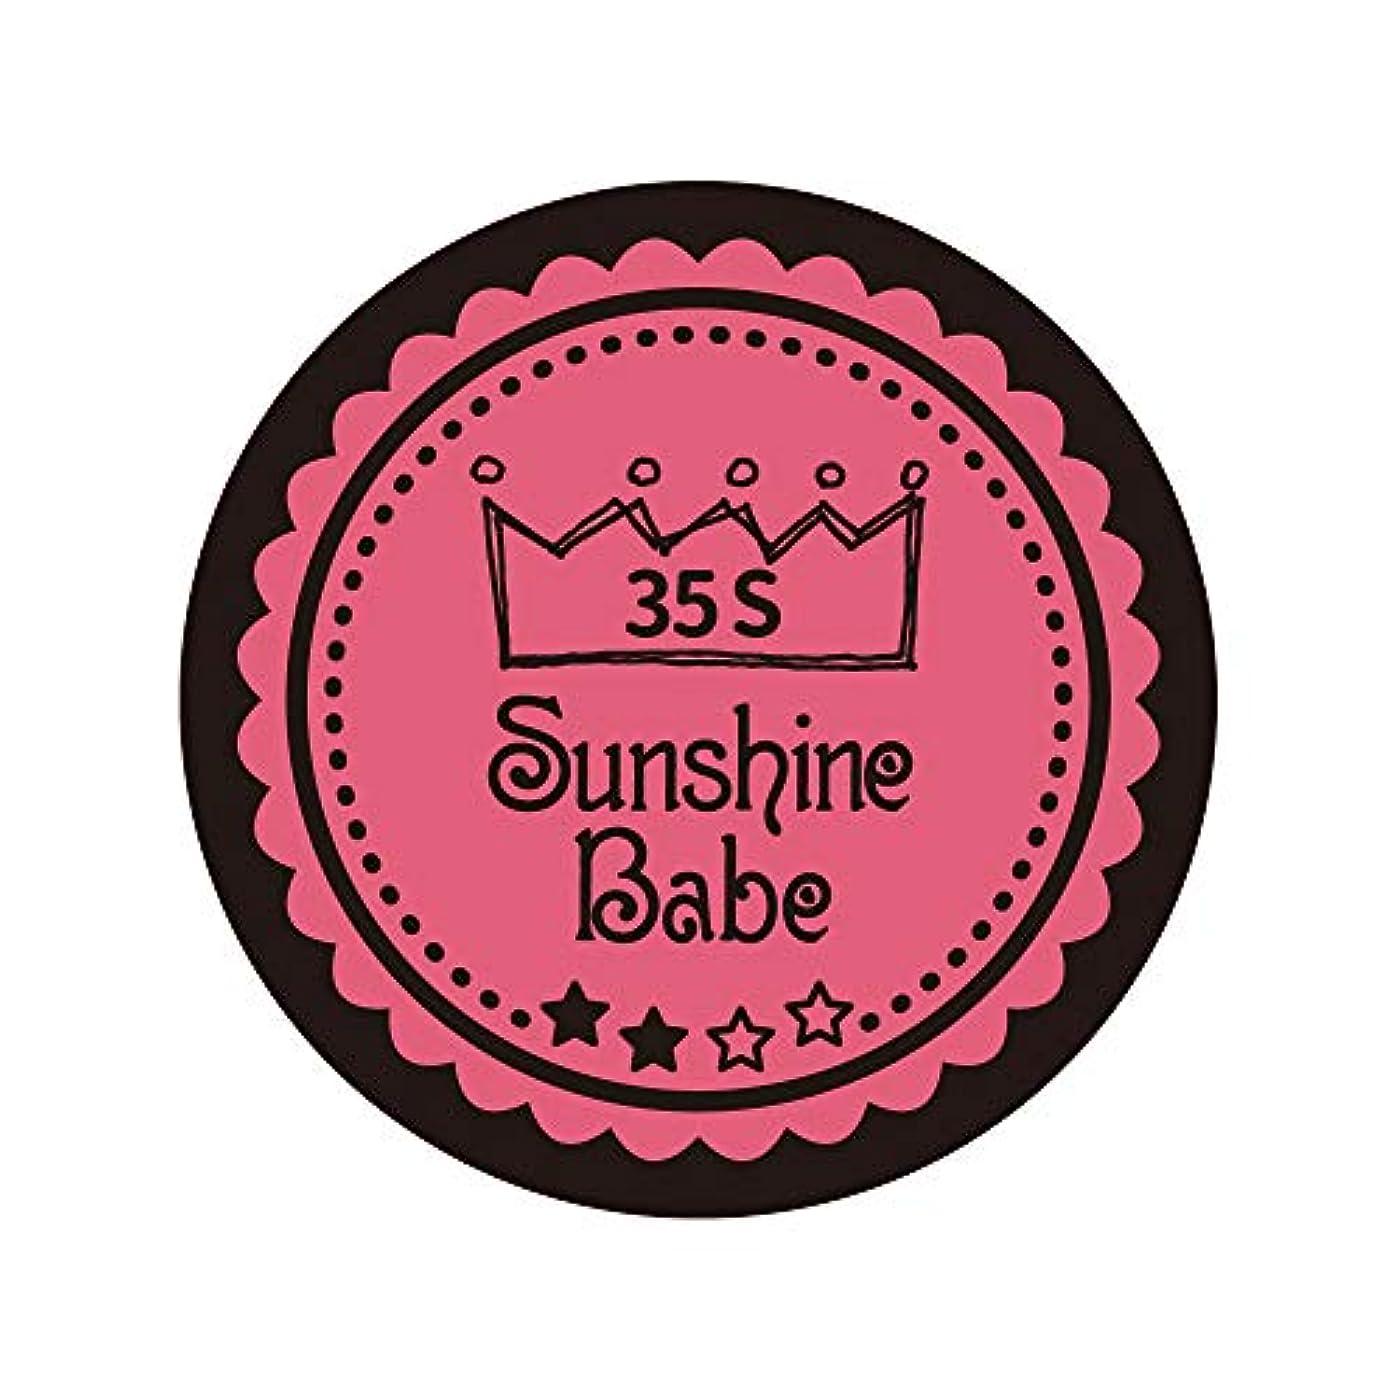 しつけ進む暗殺Sunshine Babe カラージェル 35S ローズピンク 4g UV/LED対応